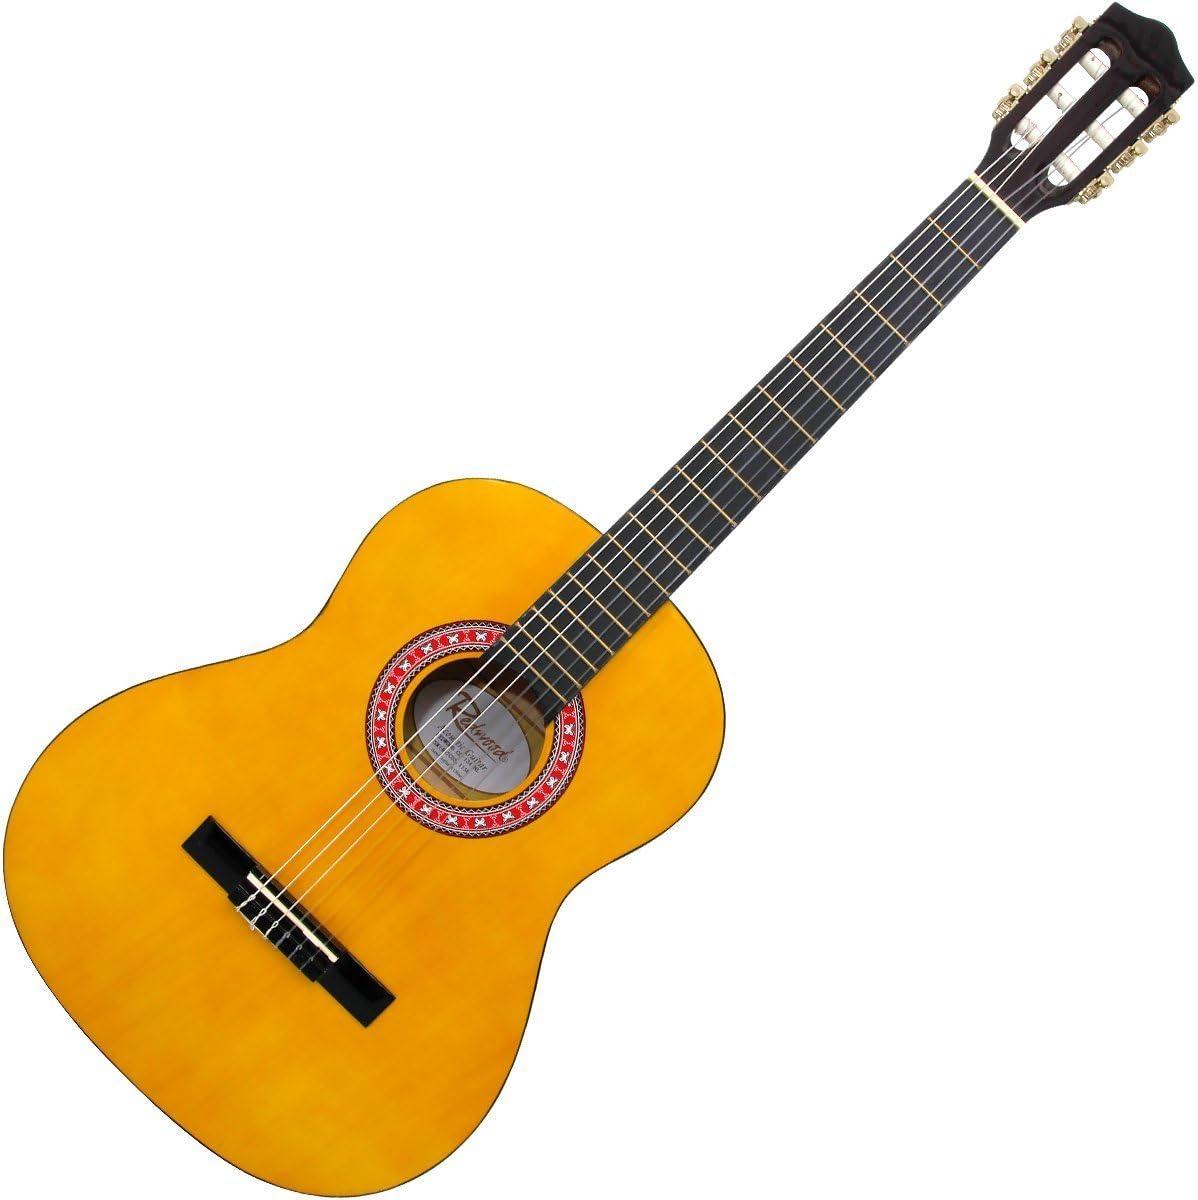 Redwood cg-2343/4tamaño guitarra clásica, acabado brillante), color natural